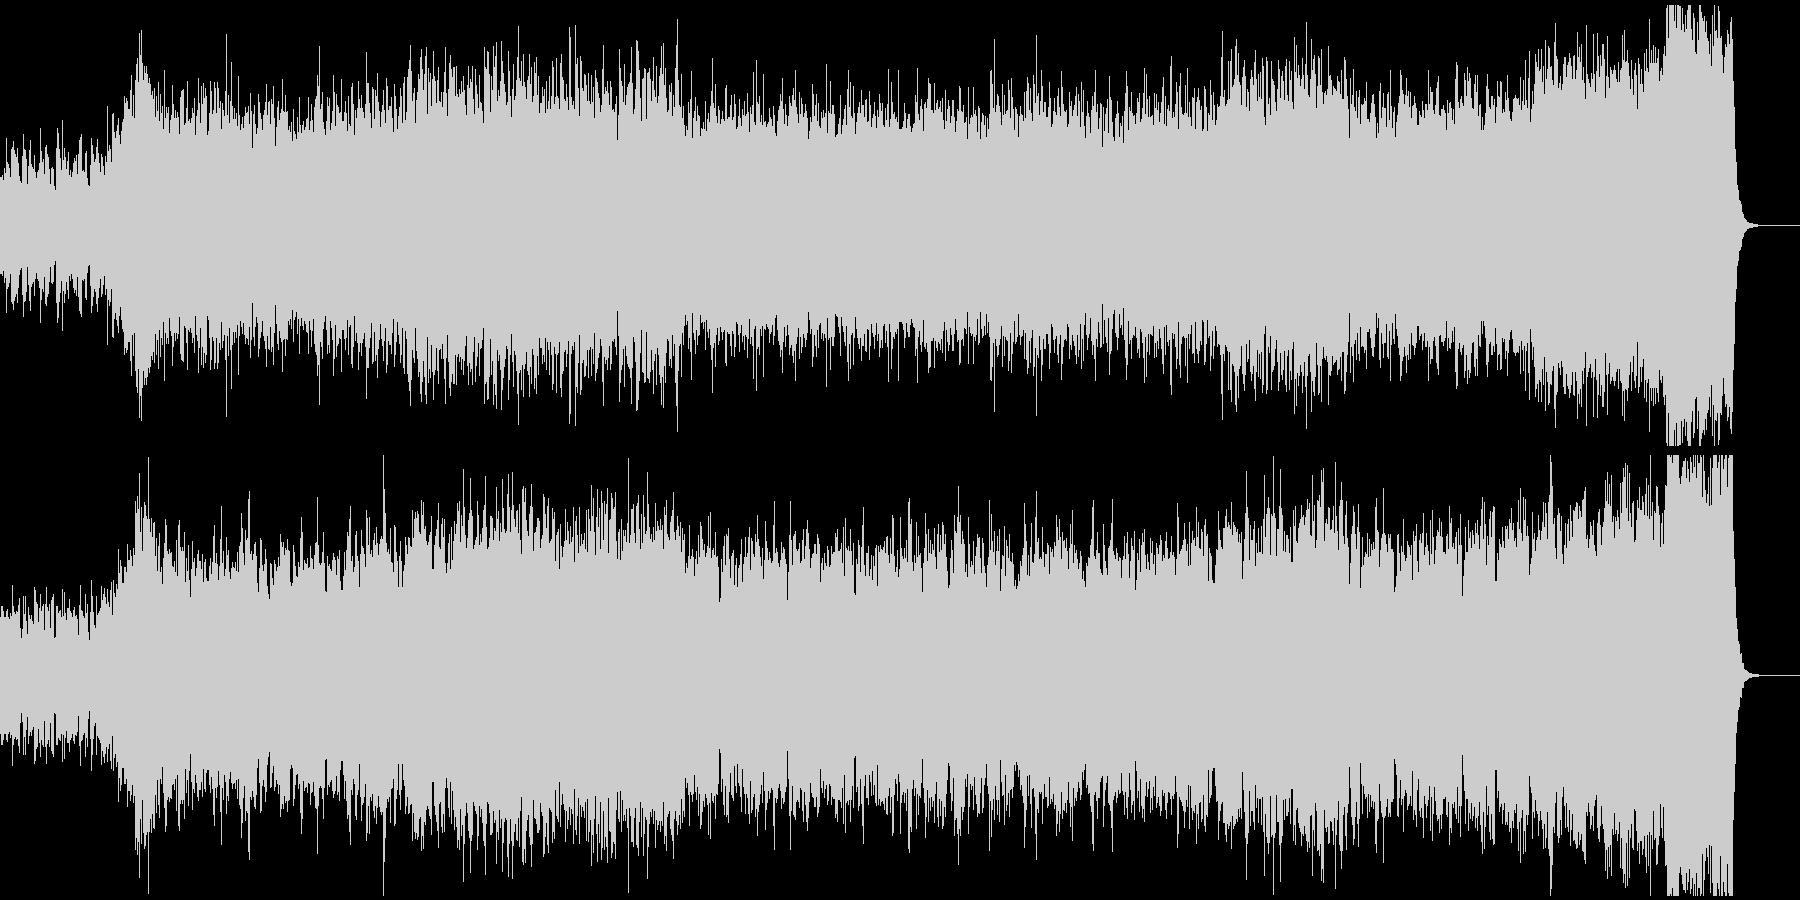 オーケストラによる重厚なBGMの未再生の波形